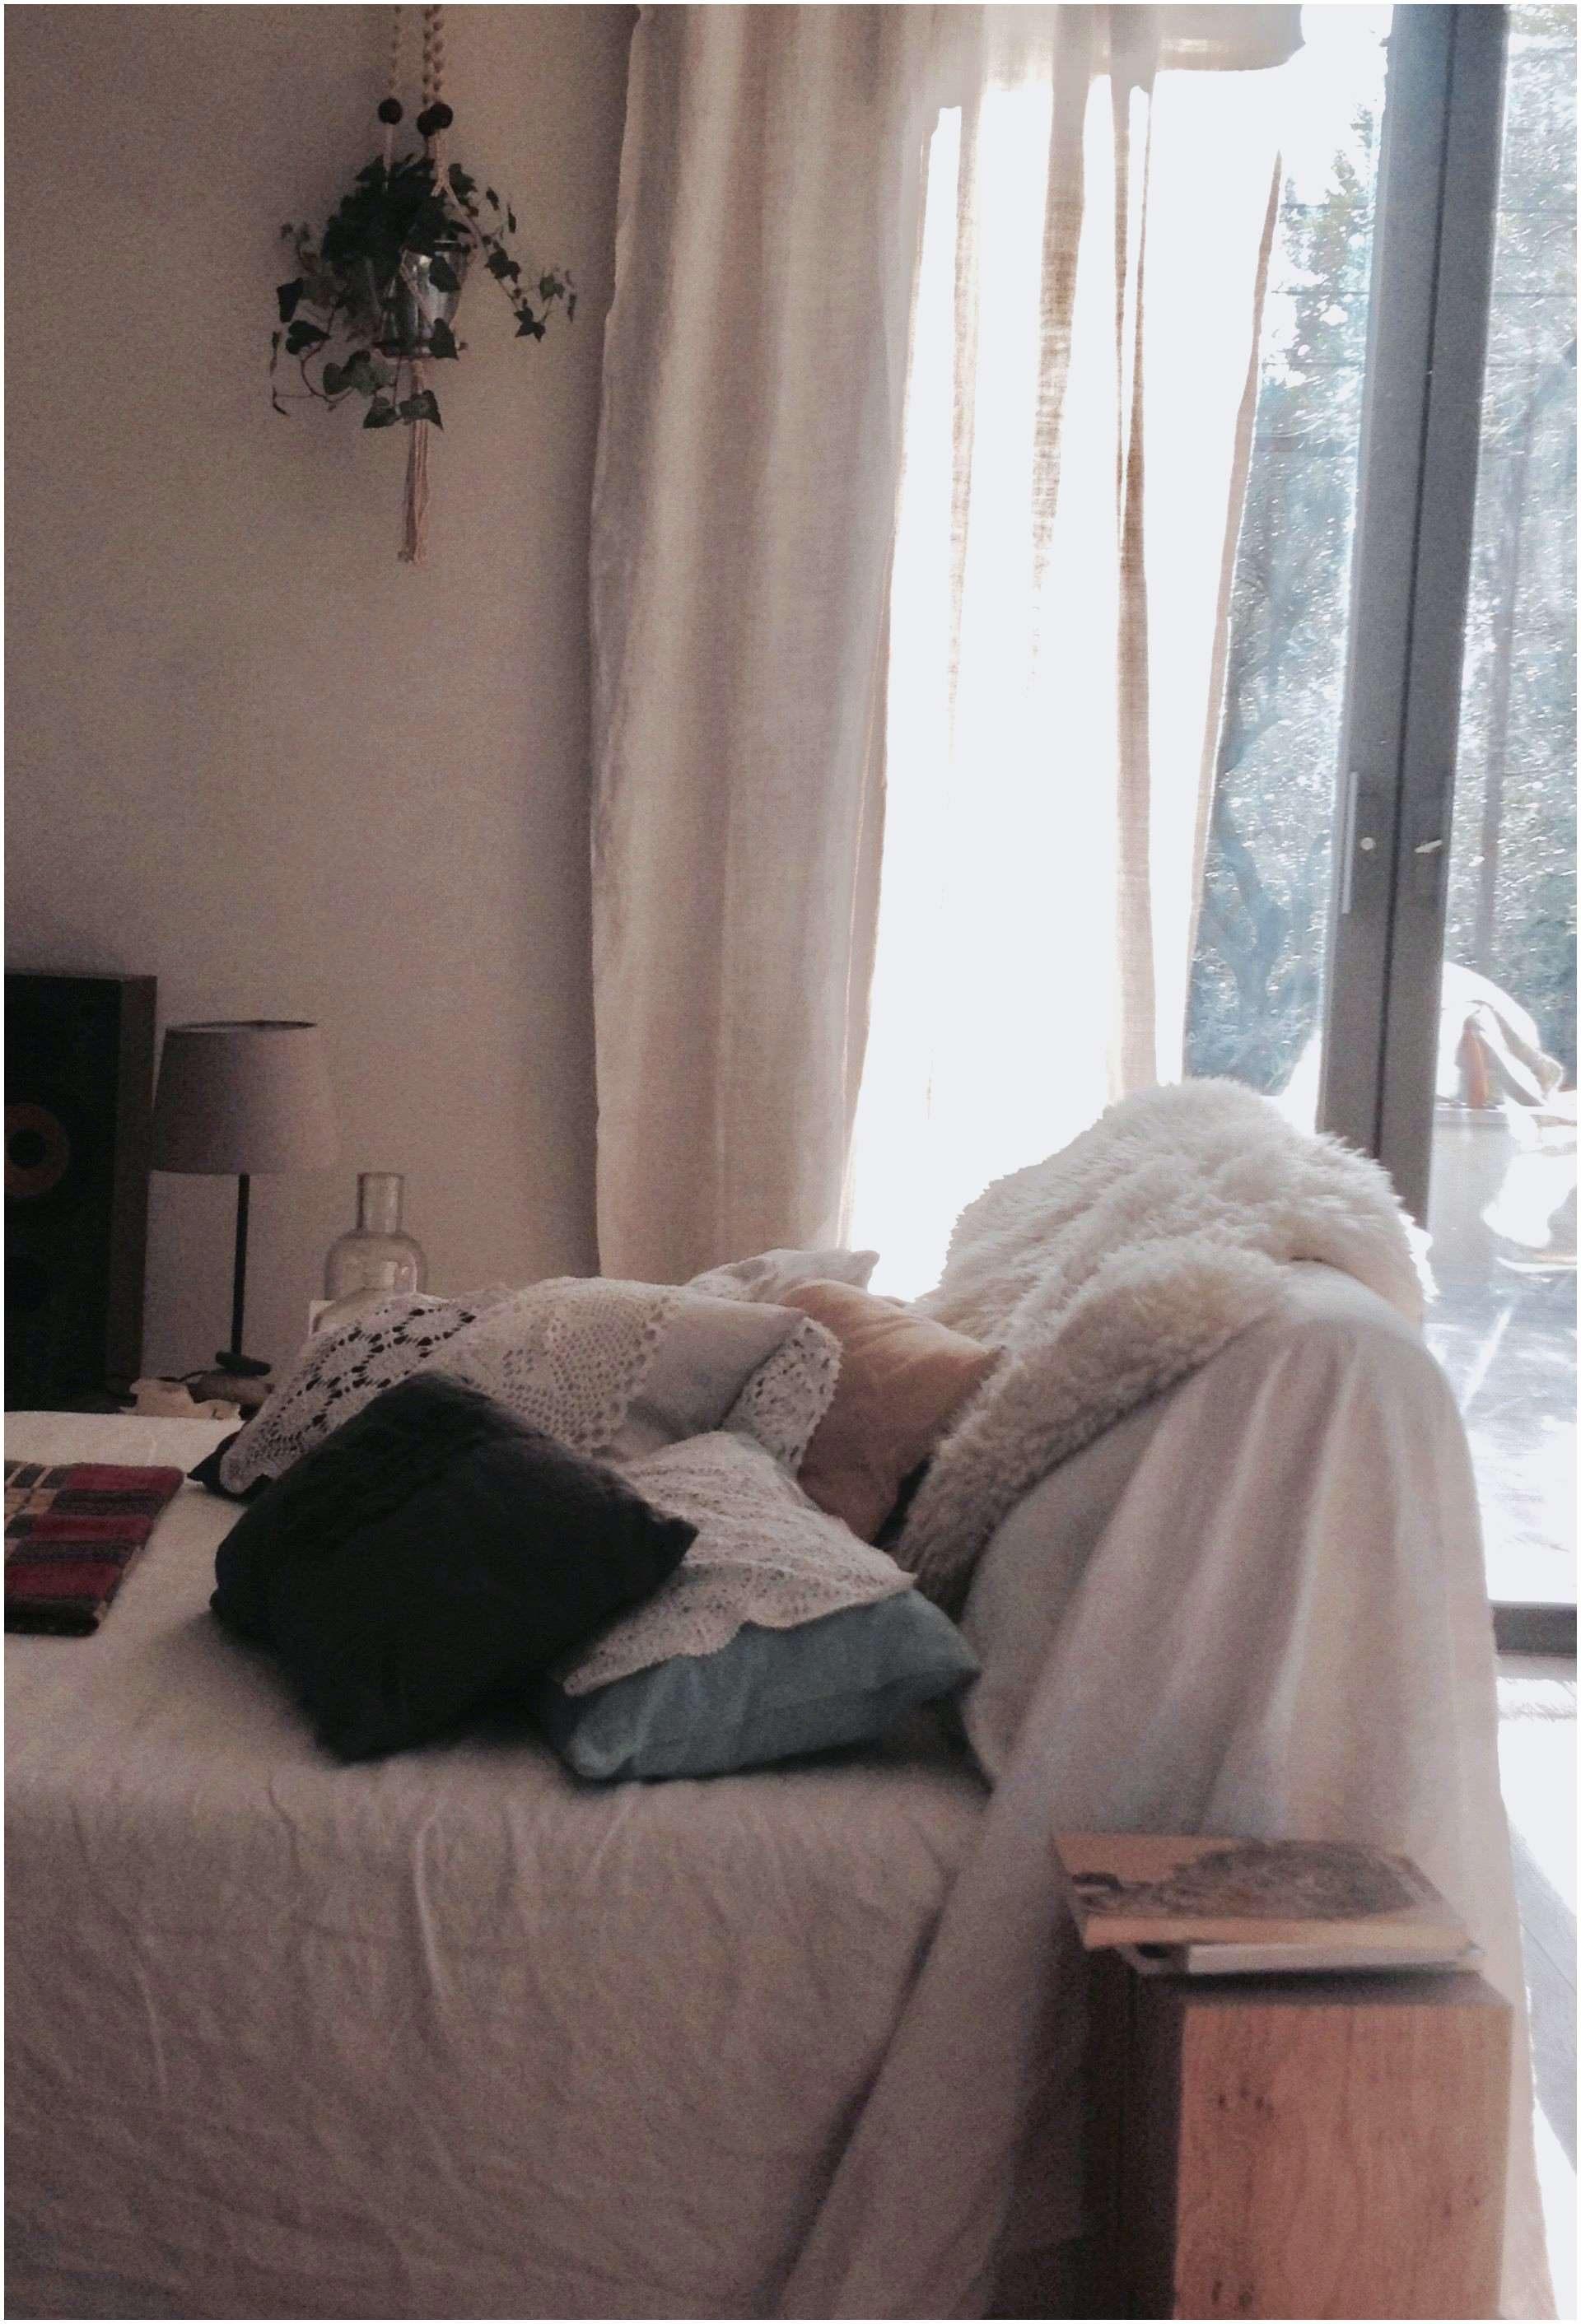 Lit Cododo Ikea Le Luxe Elégant Beau Avec Intéressant Linge De Lit Concernant Votre Maison